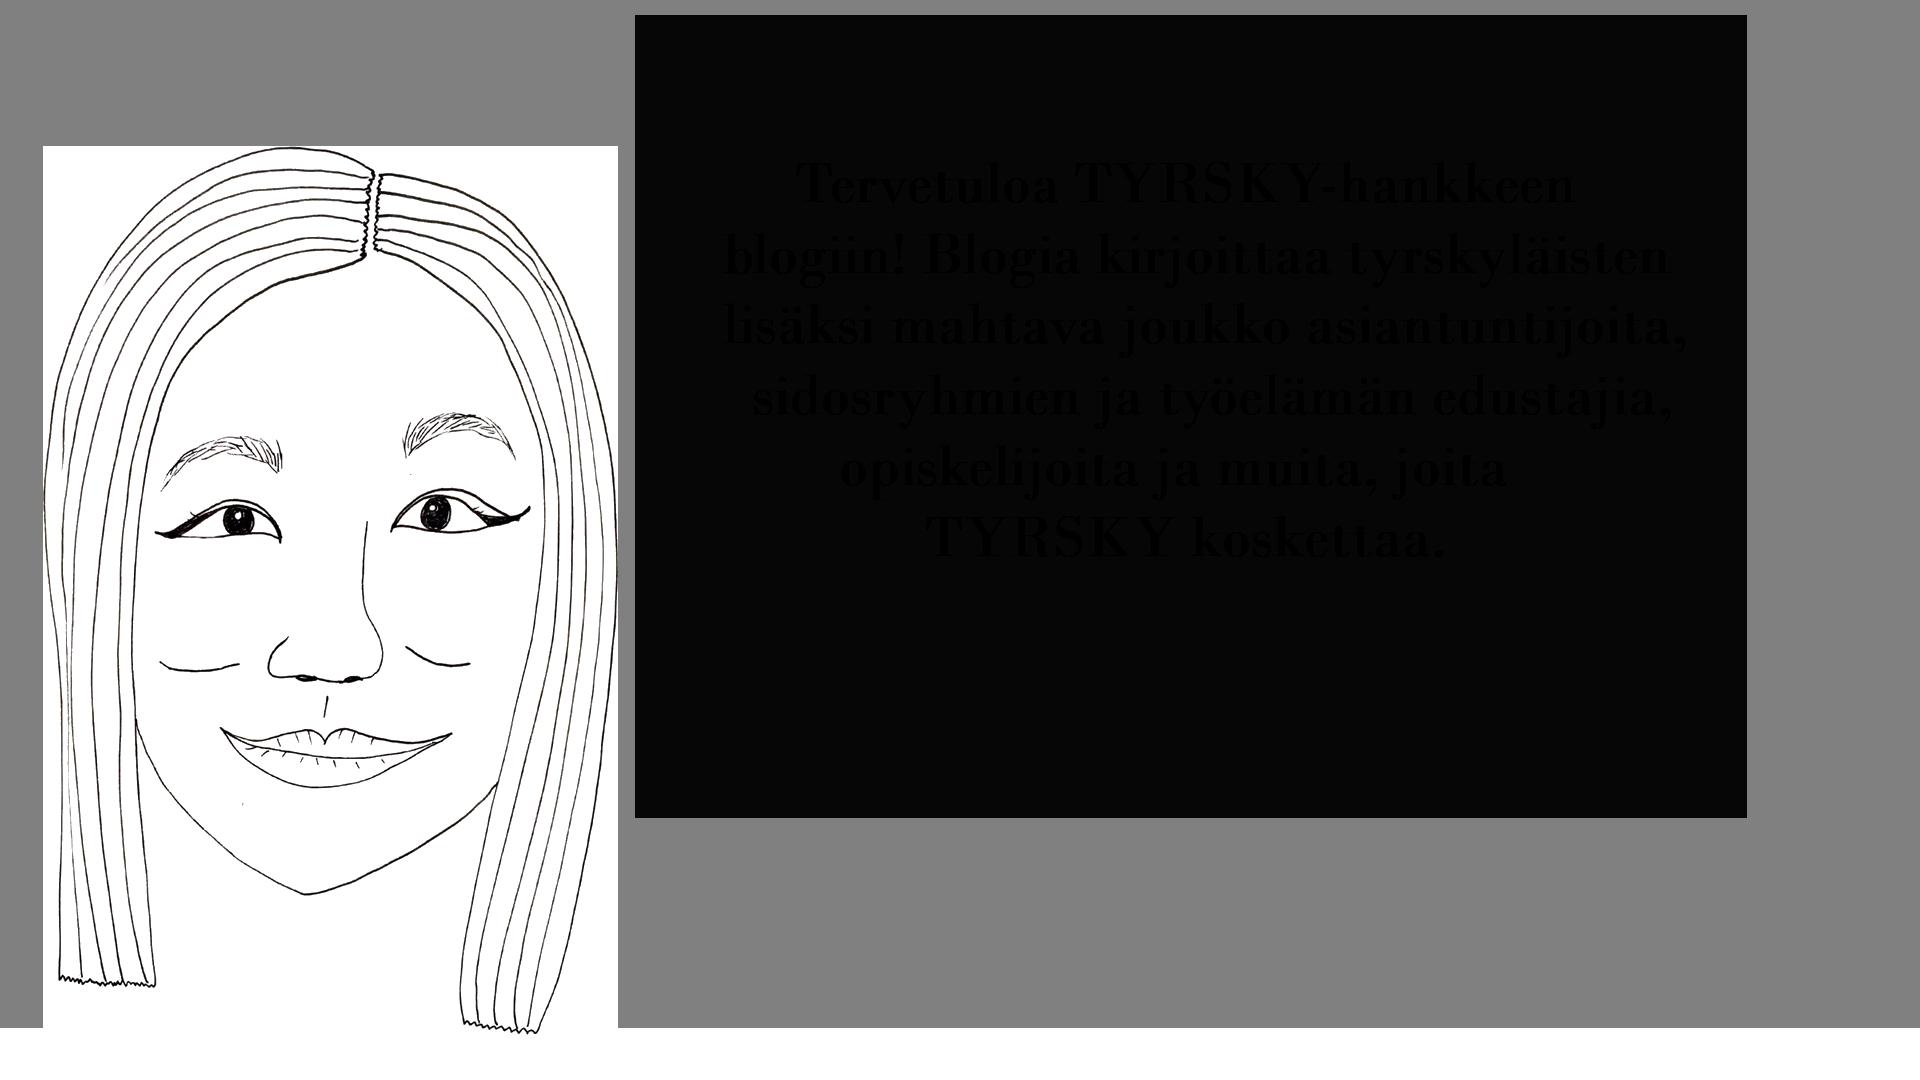 Piirretty kuva nuoresta naisesta, joka sanoo: Tervetuloa TYRSKY-hankkeen blogiin! Blogia kirjoittaa tyrskyläisten lisäksi mahtava joukko asiantuntijoita, sidosryhmien ja työelämän edustajia, opiskelijoita ja muita, joita TYRSKY koskettaa.